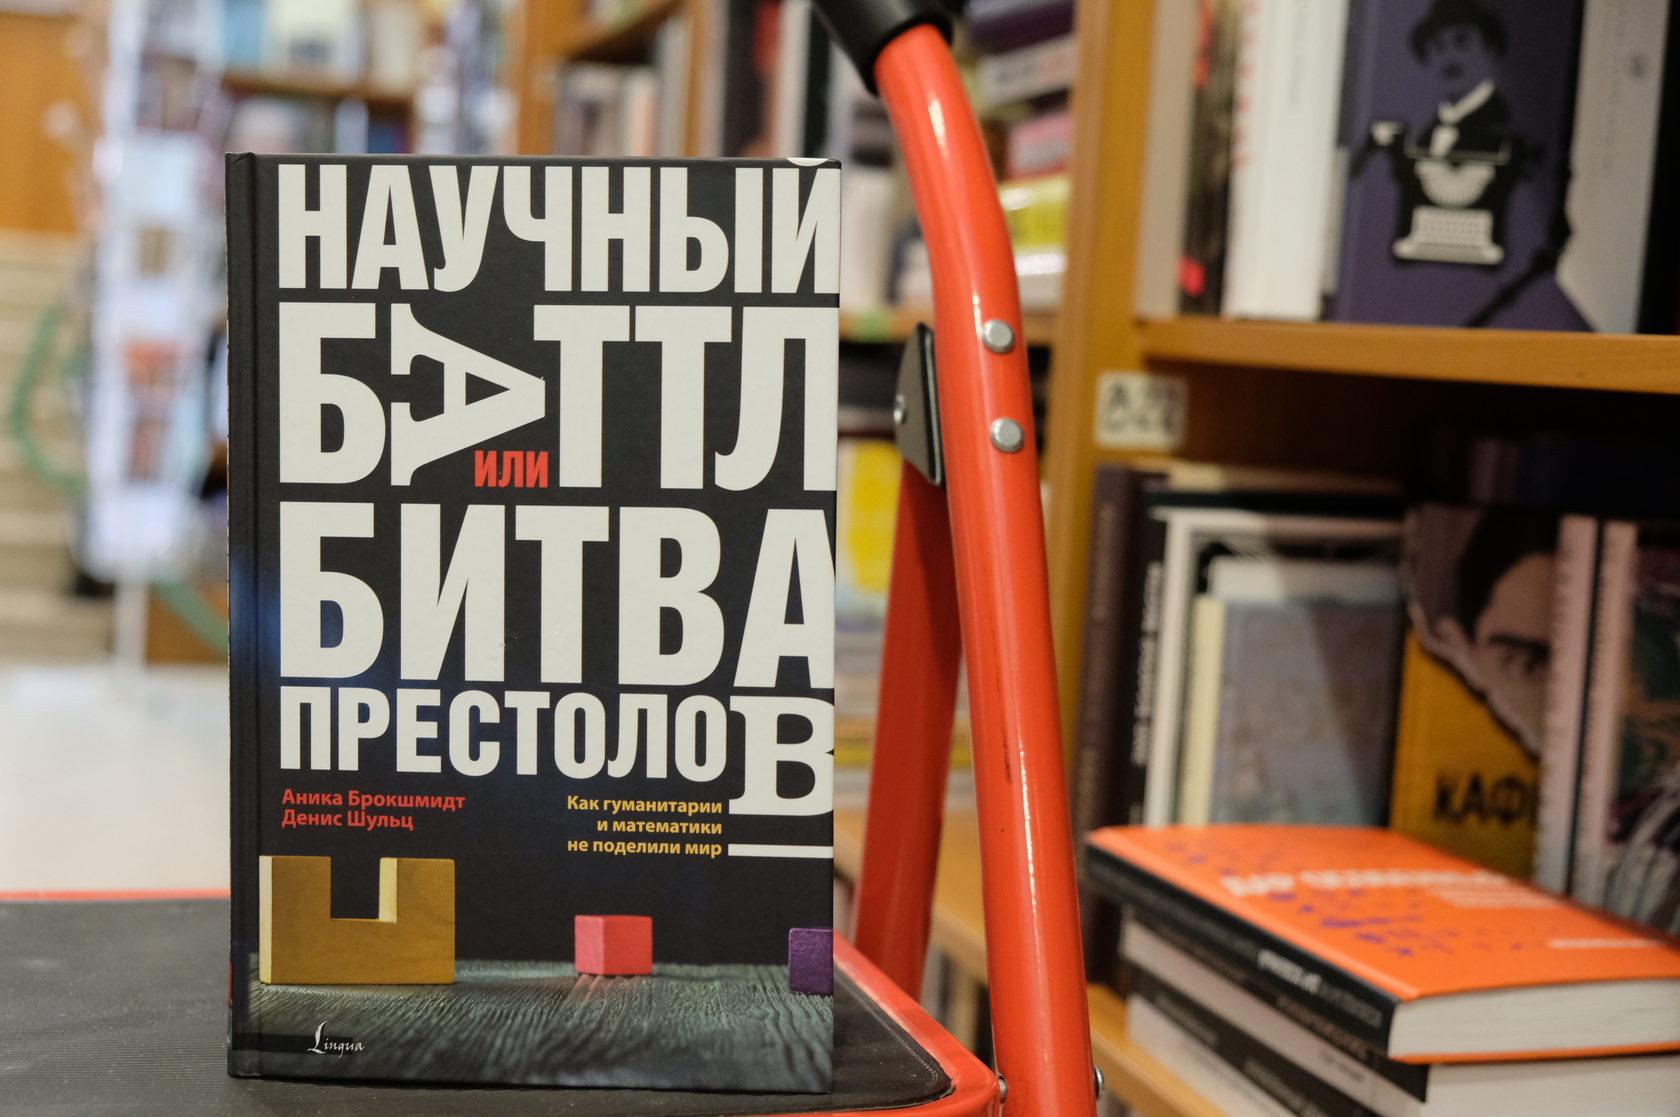 Купить книгу Научный баттл, или Битва престолов. Как гуманитарии и математики не поделили мир